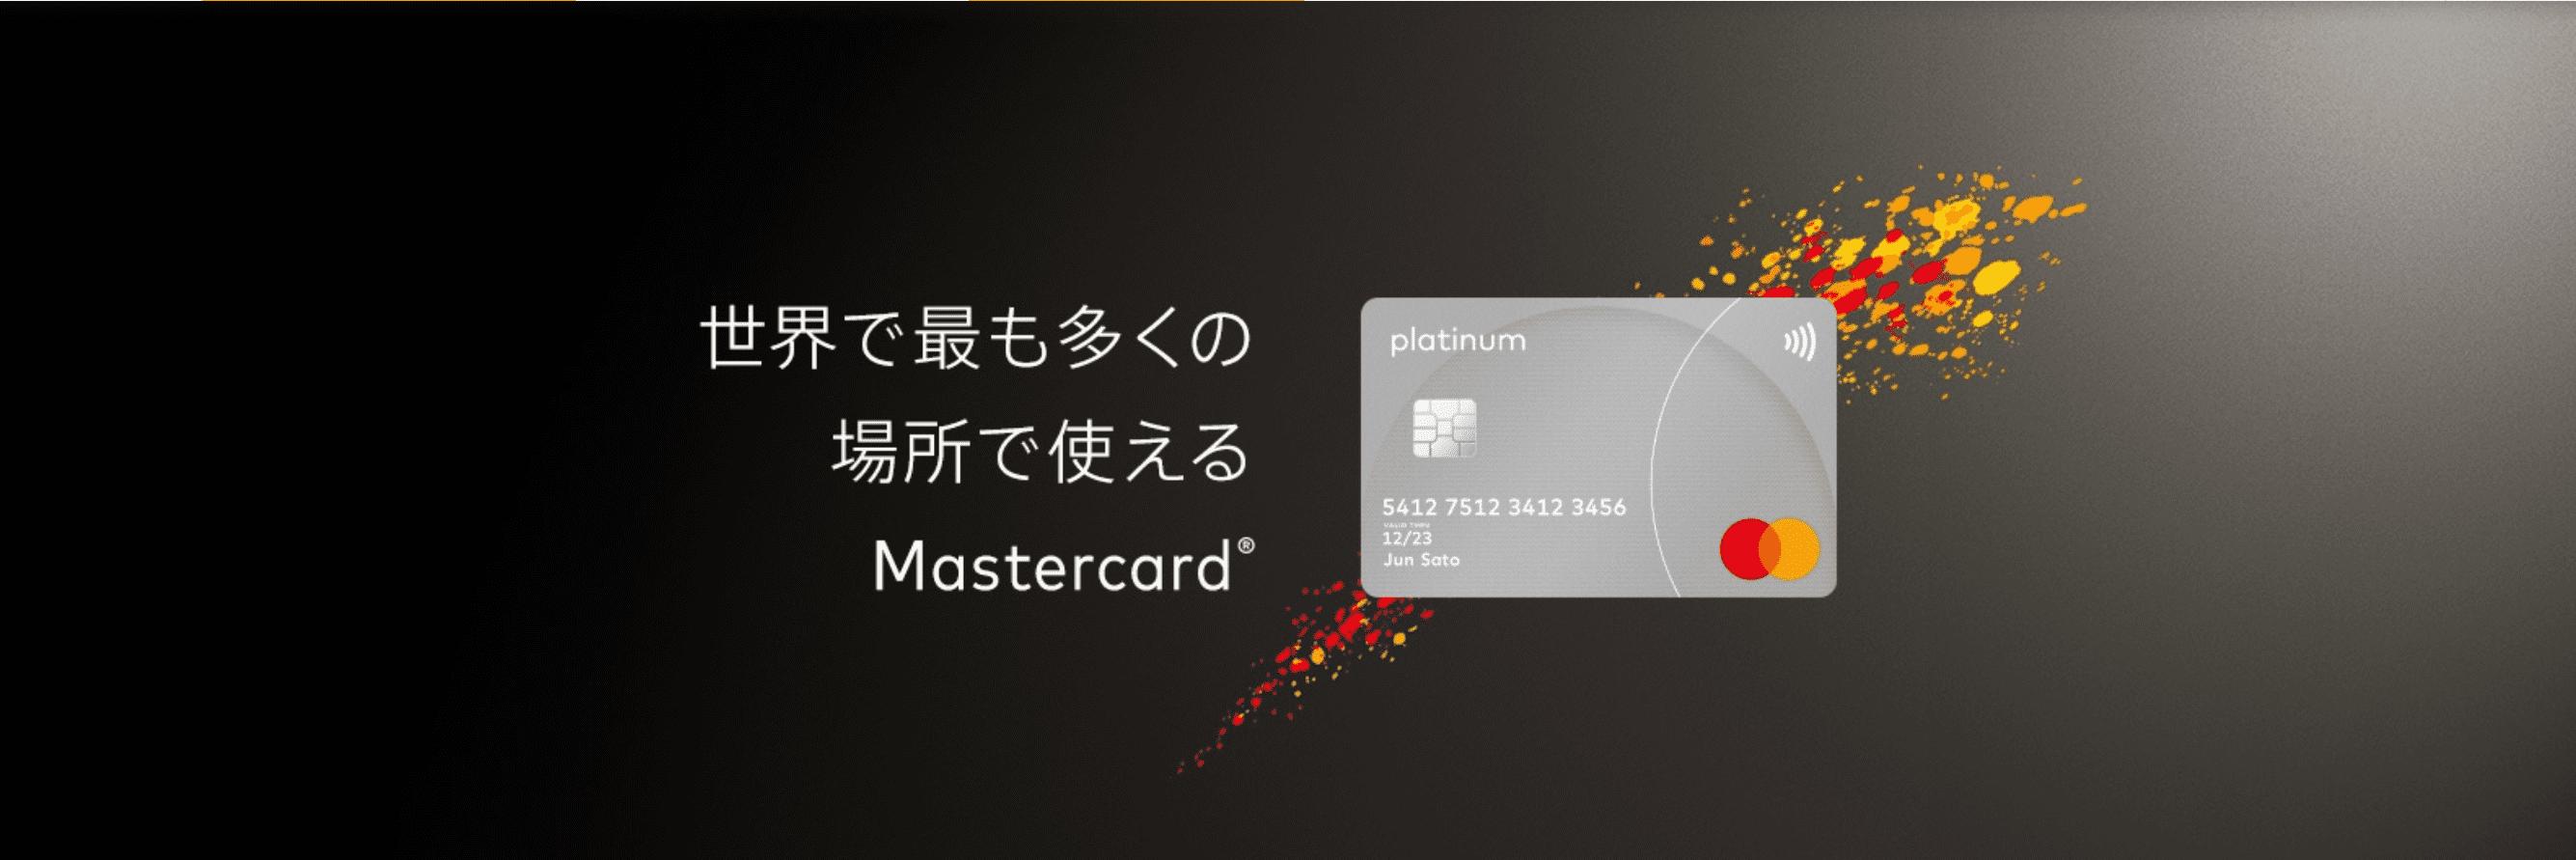 Mastercardの画像